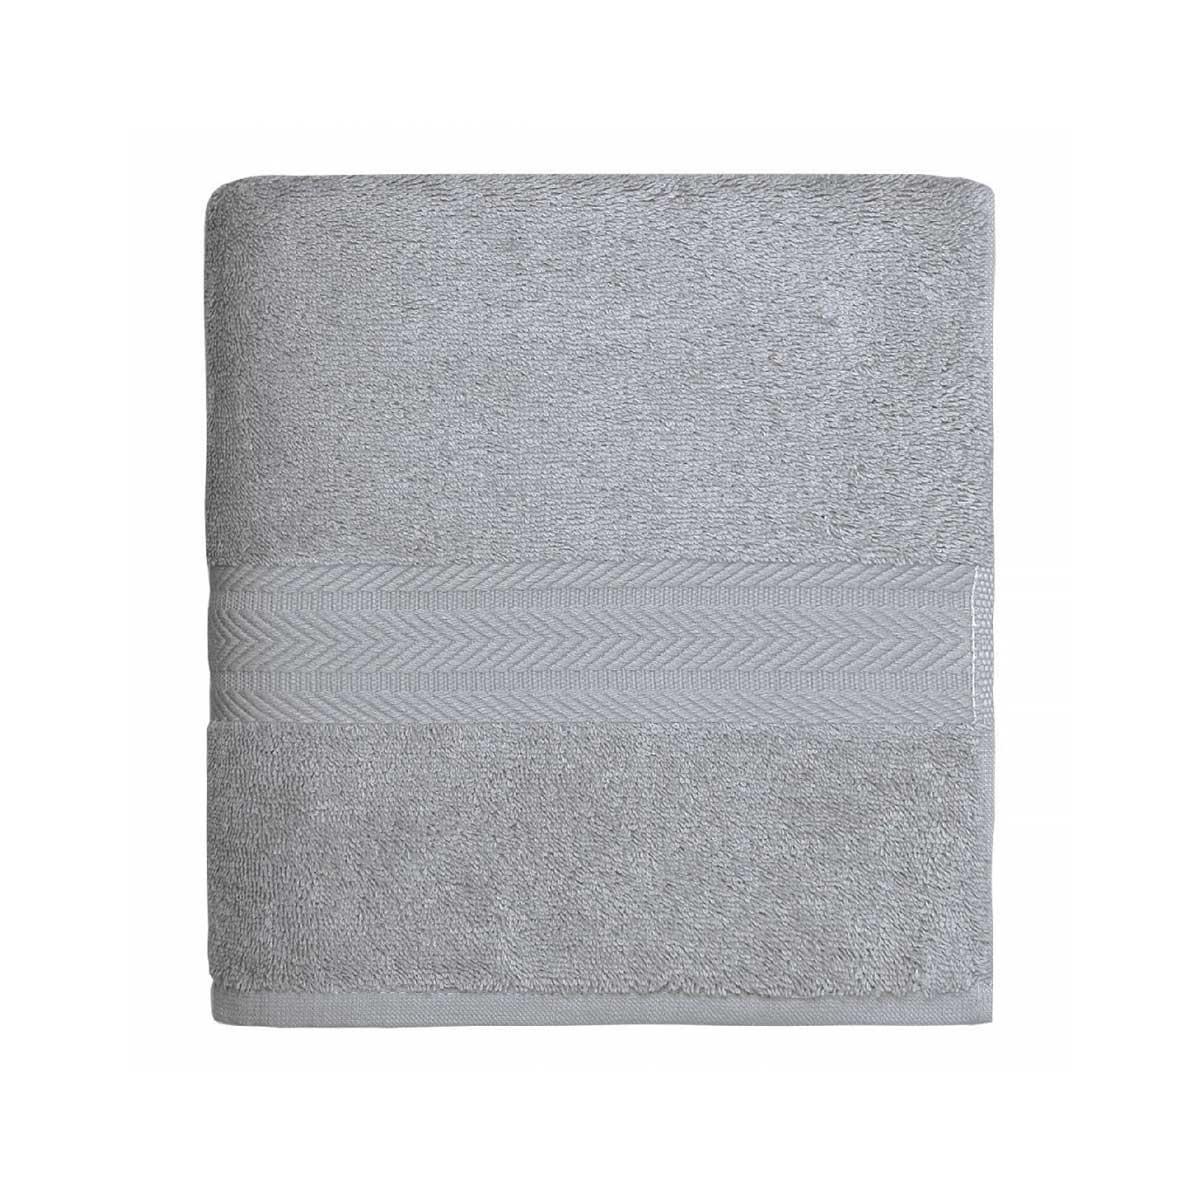 Linge de bain en coton moelleux 550gr/m² - Gris Perle - 50 x 100 cm